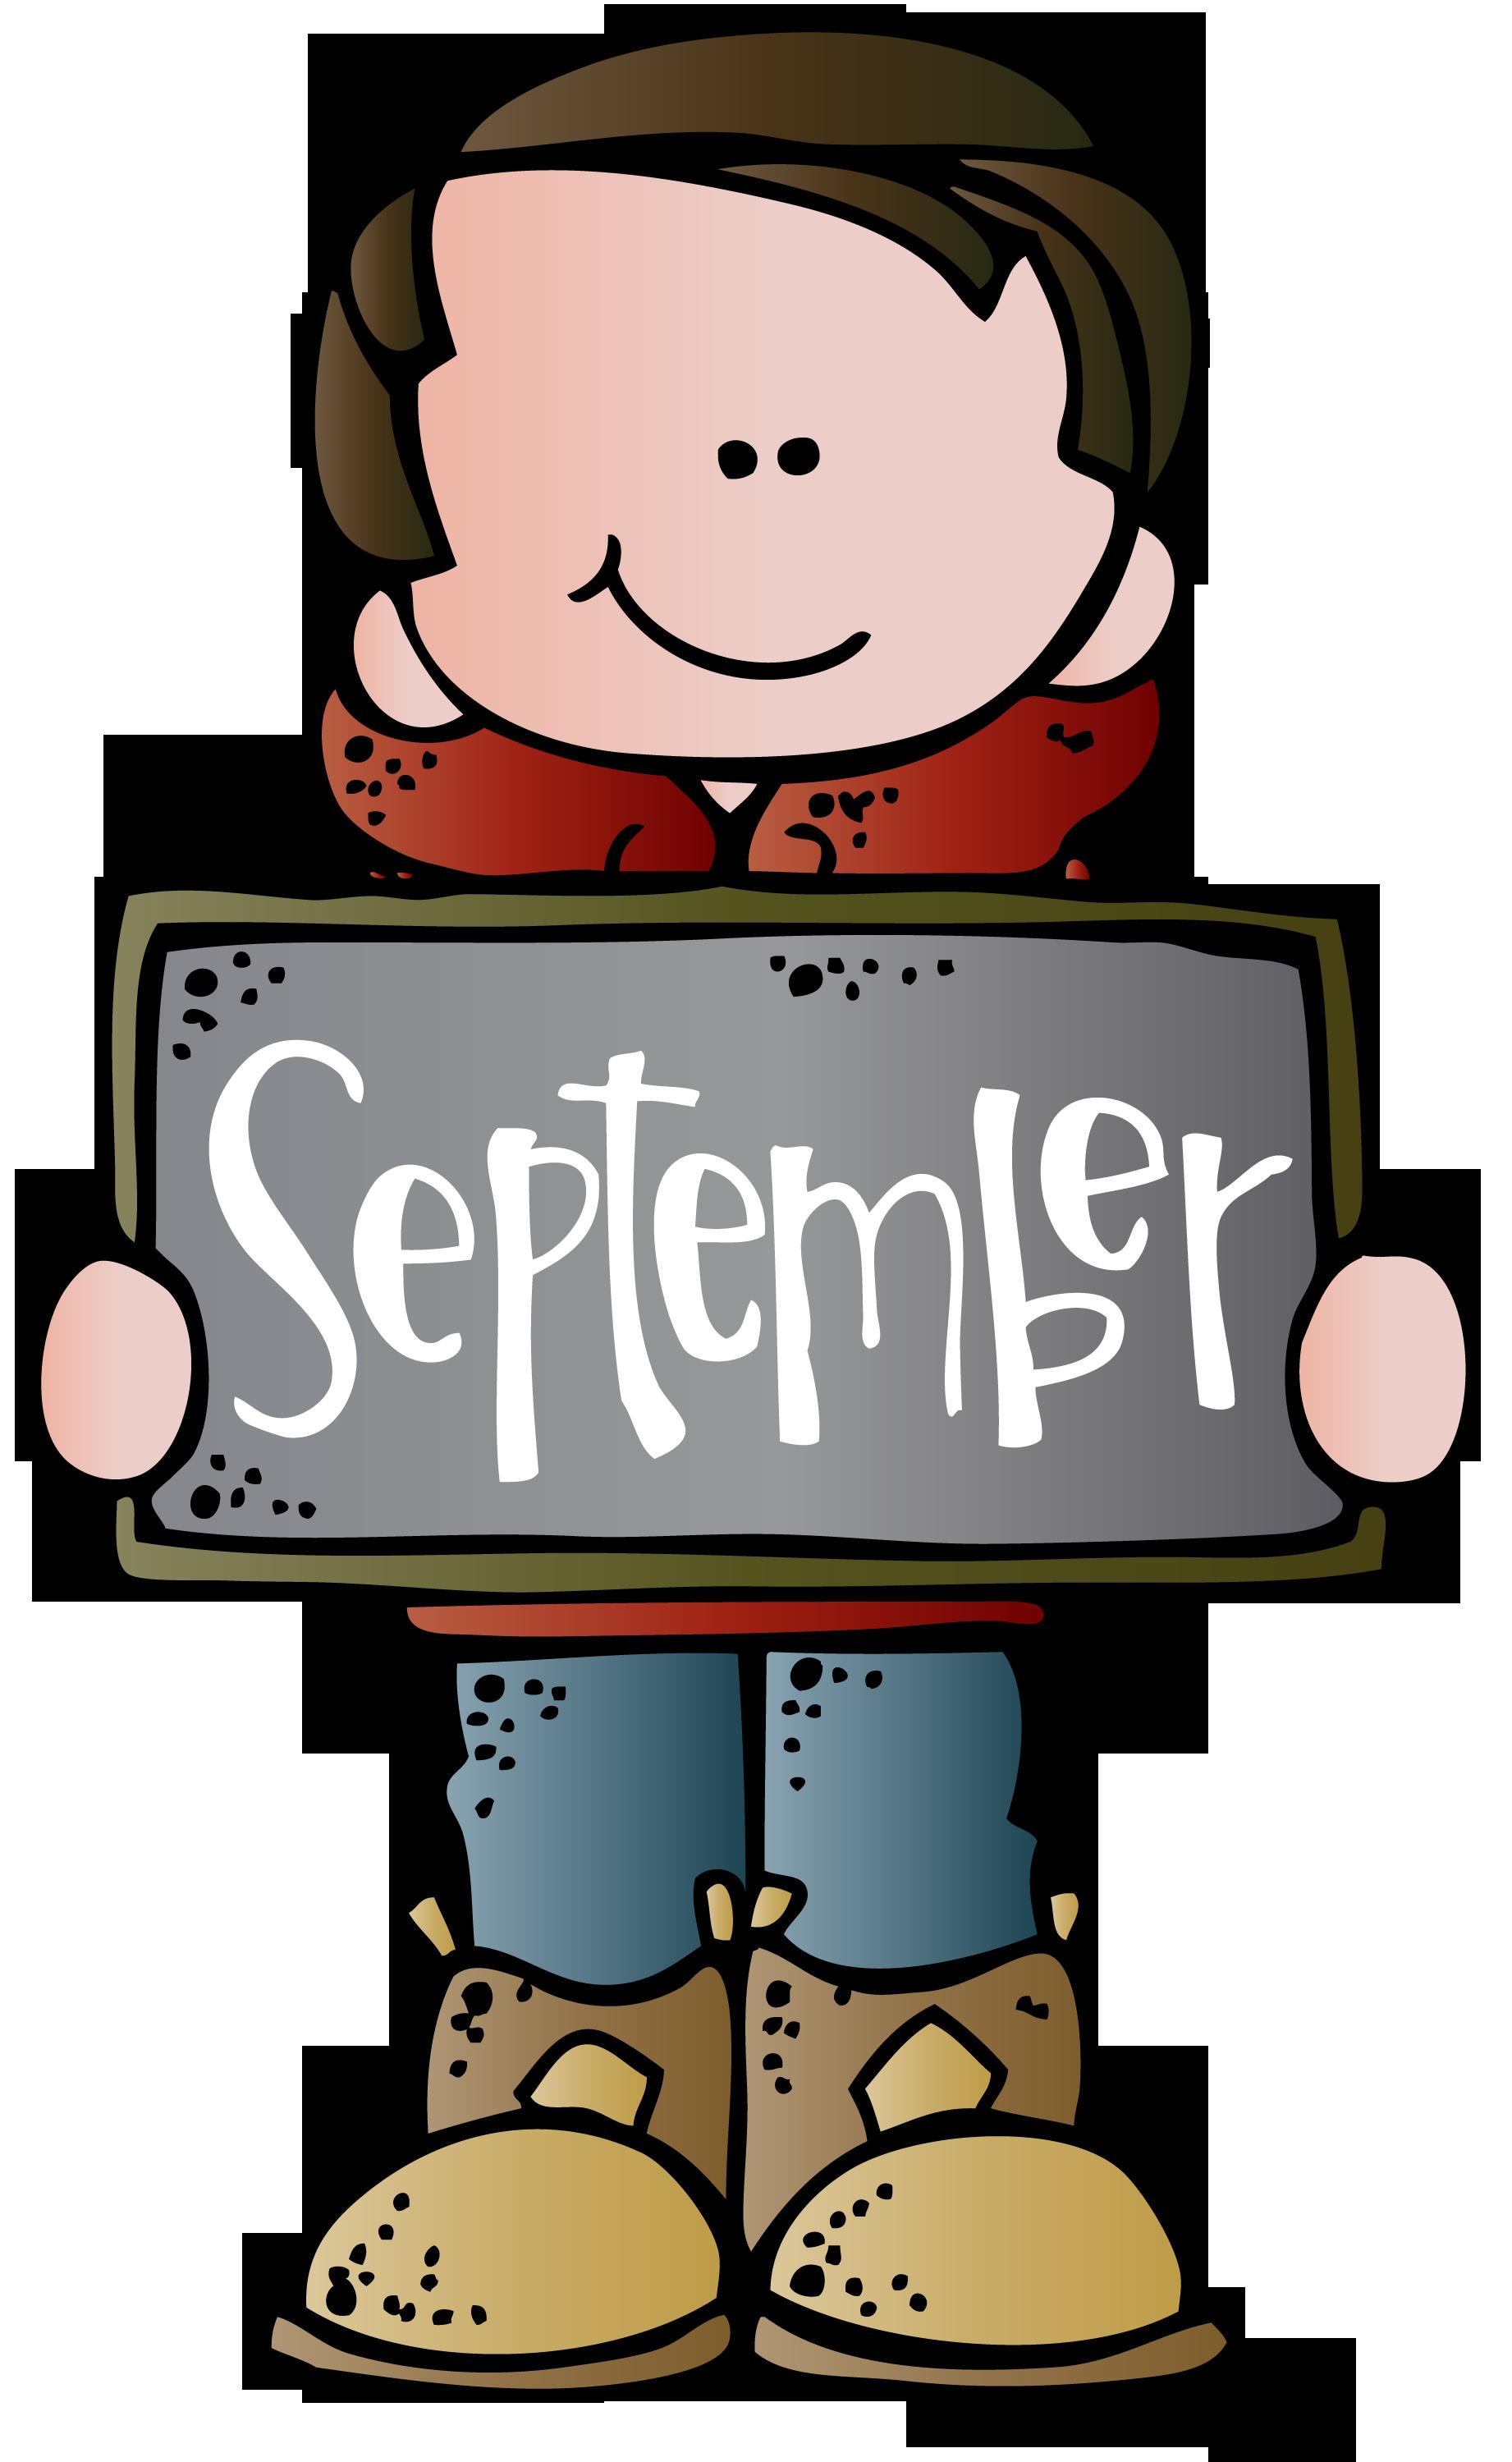 Calendar Clip Art Border : September calendar clipart free download best